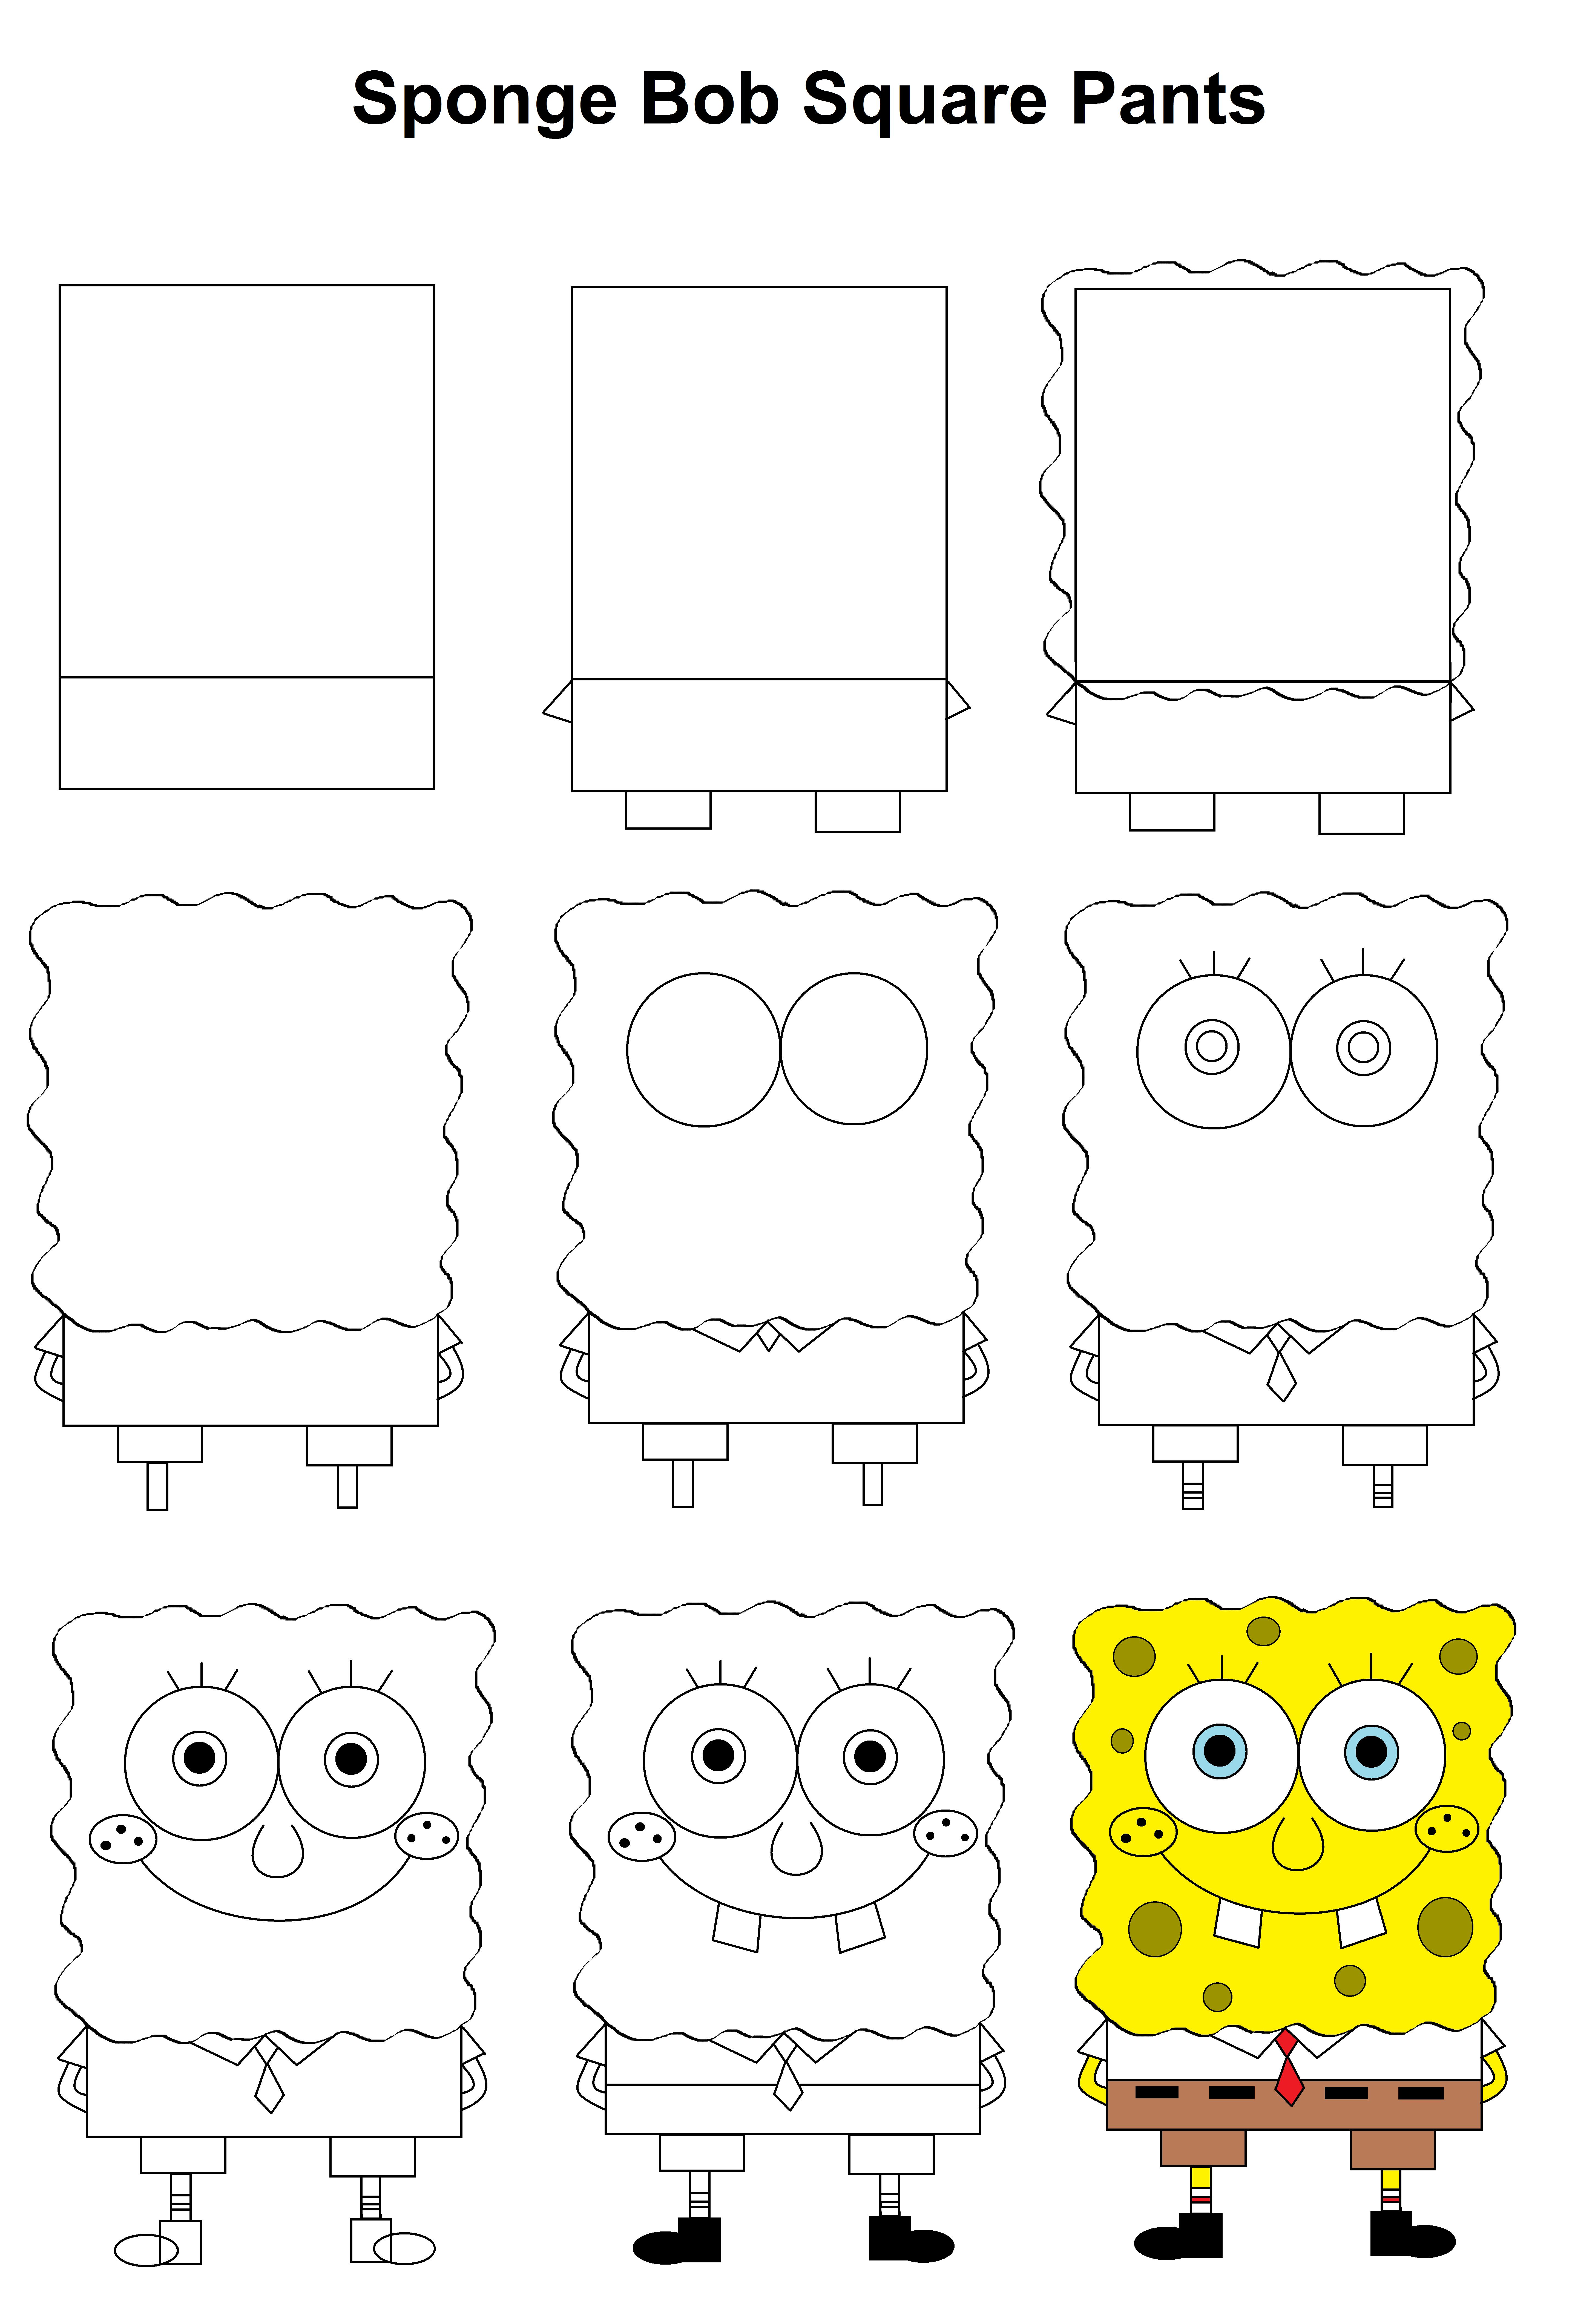 Spongebob Squarepants Step By Step Tutorial